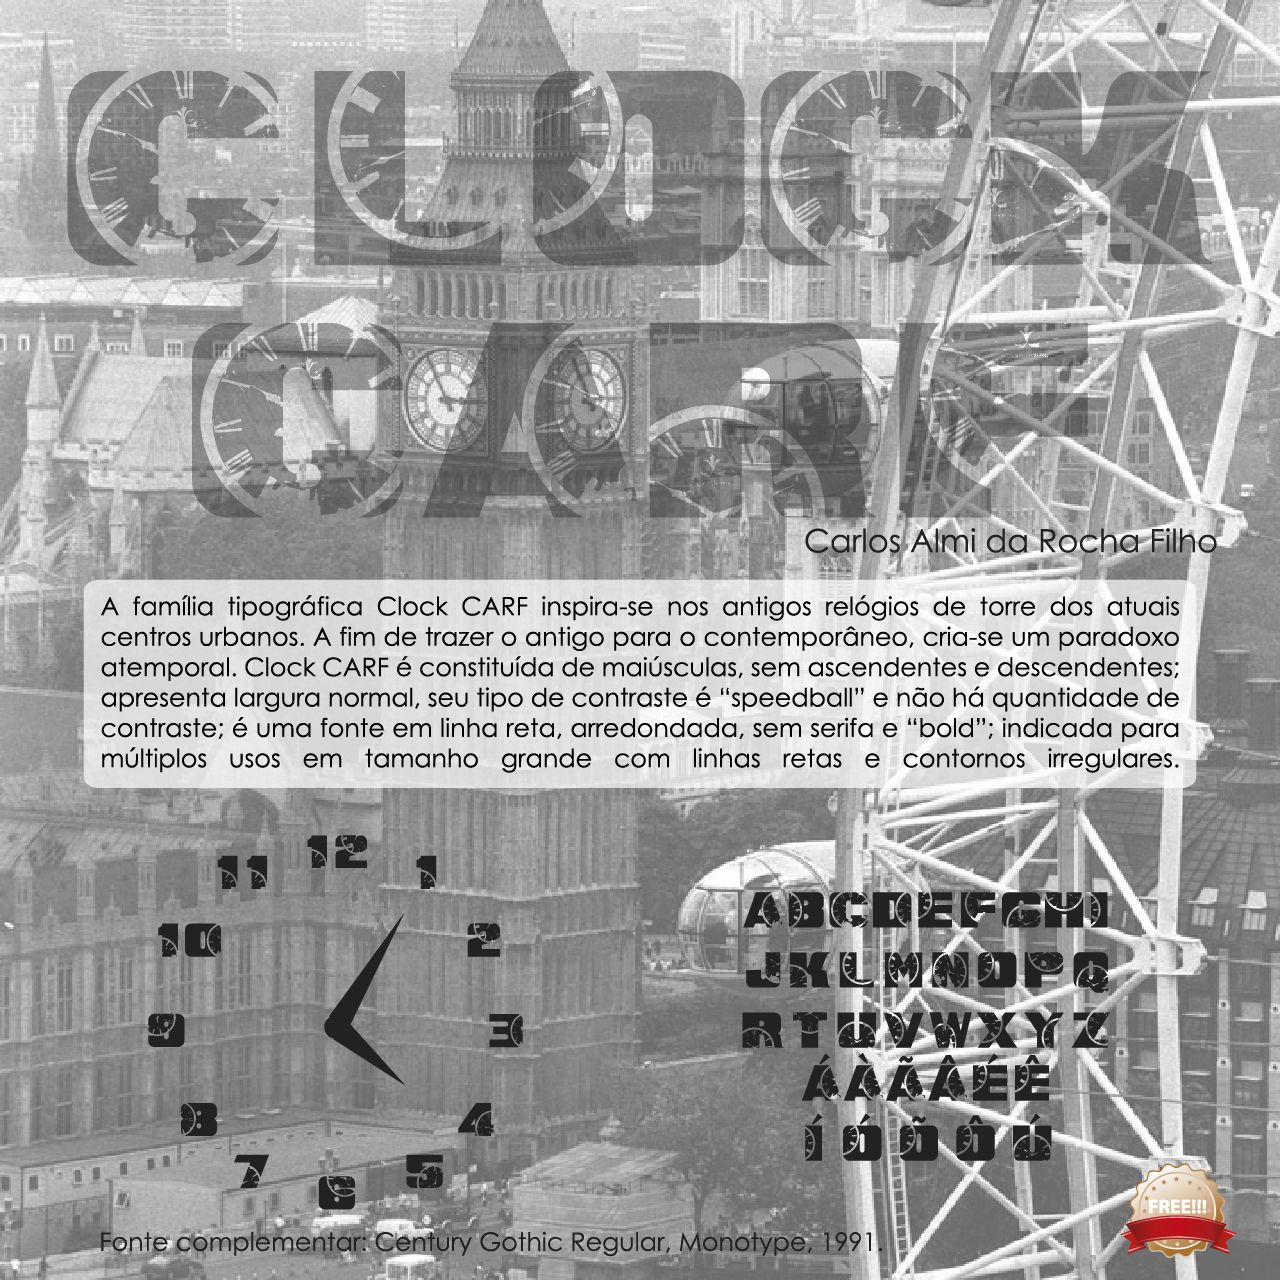 """A família tipográfica Clock CARF inspira-se nos antigos relógios de torre dos atuais centros urbanos. A fim de trazer o antigo para o contemporâneo, cria-se um paradoxo atemporal. Clock CARF é constituída de maiúsculas, sem ascendentes e descendentes; apresenta largura normal, seu tipo de contraste é """"speedball"""" e não há quantidade de contraste; é uma fonte em linha reta, arredondada, sem serifa e """"bold""""; indicada para múltiplos usos em tamanho grande com linhas retas e contornos…"""